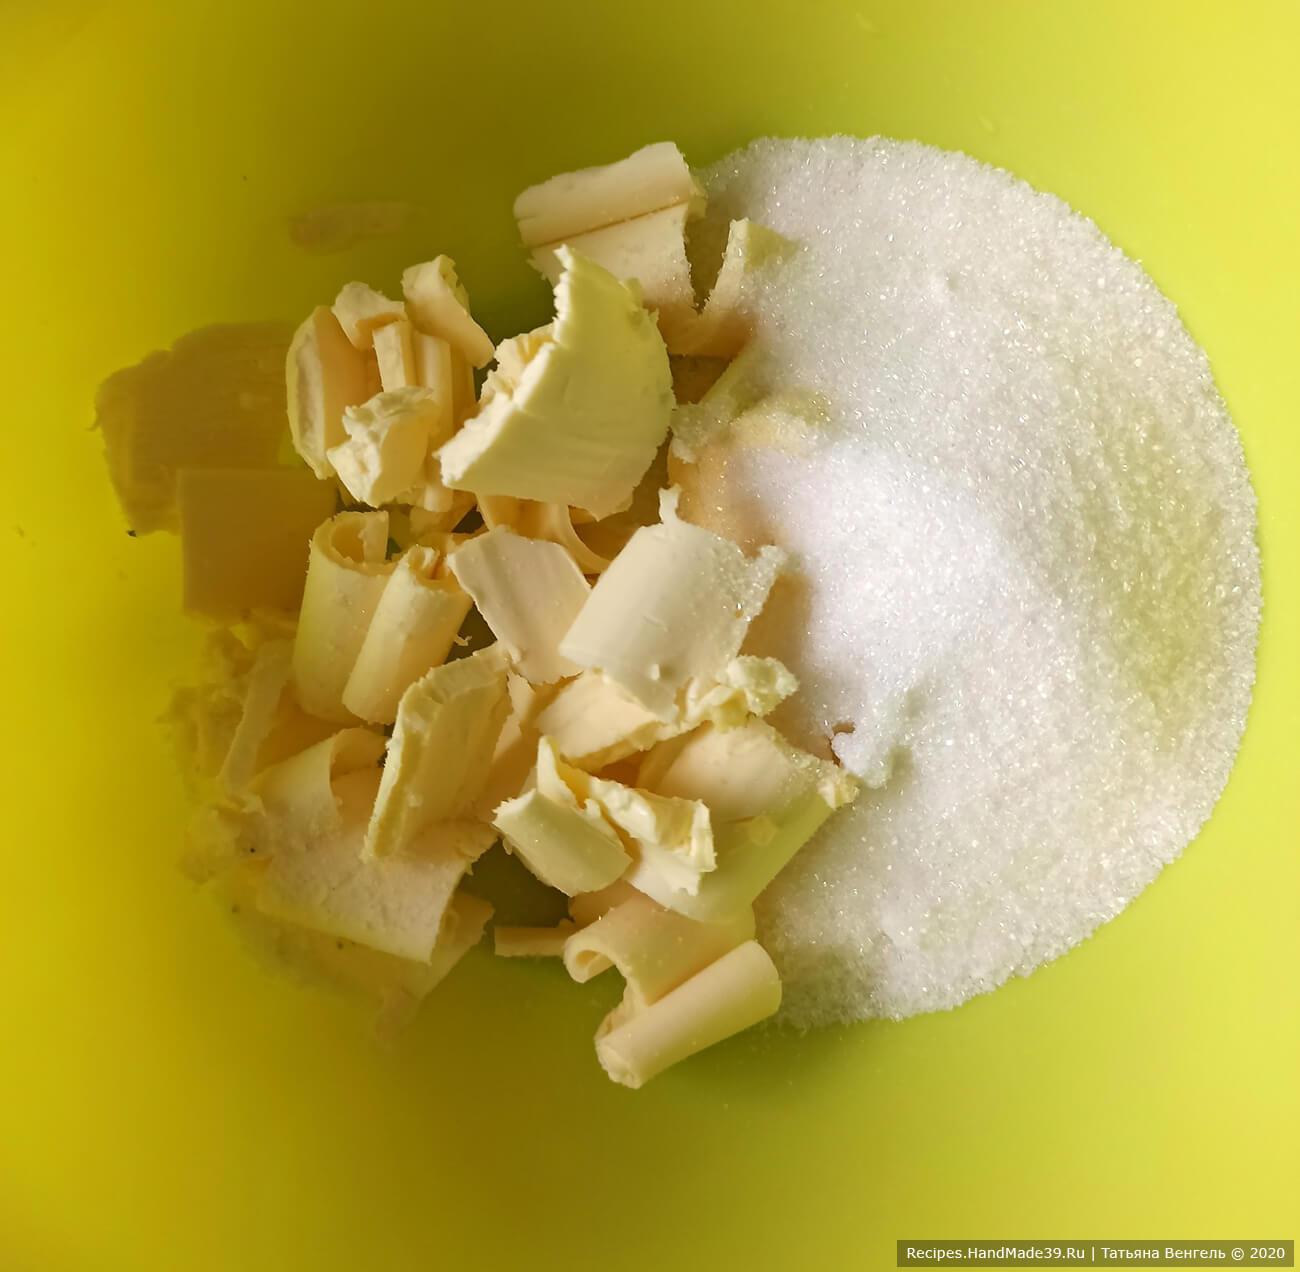 Приготовление шоколадного теста: смешать масло комнатной температуры, соль, сахар, перетереть лопаткой.